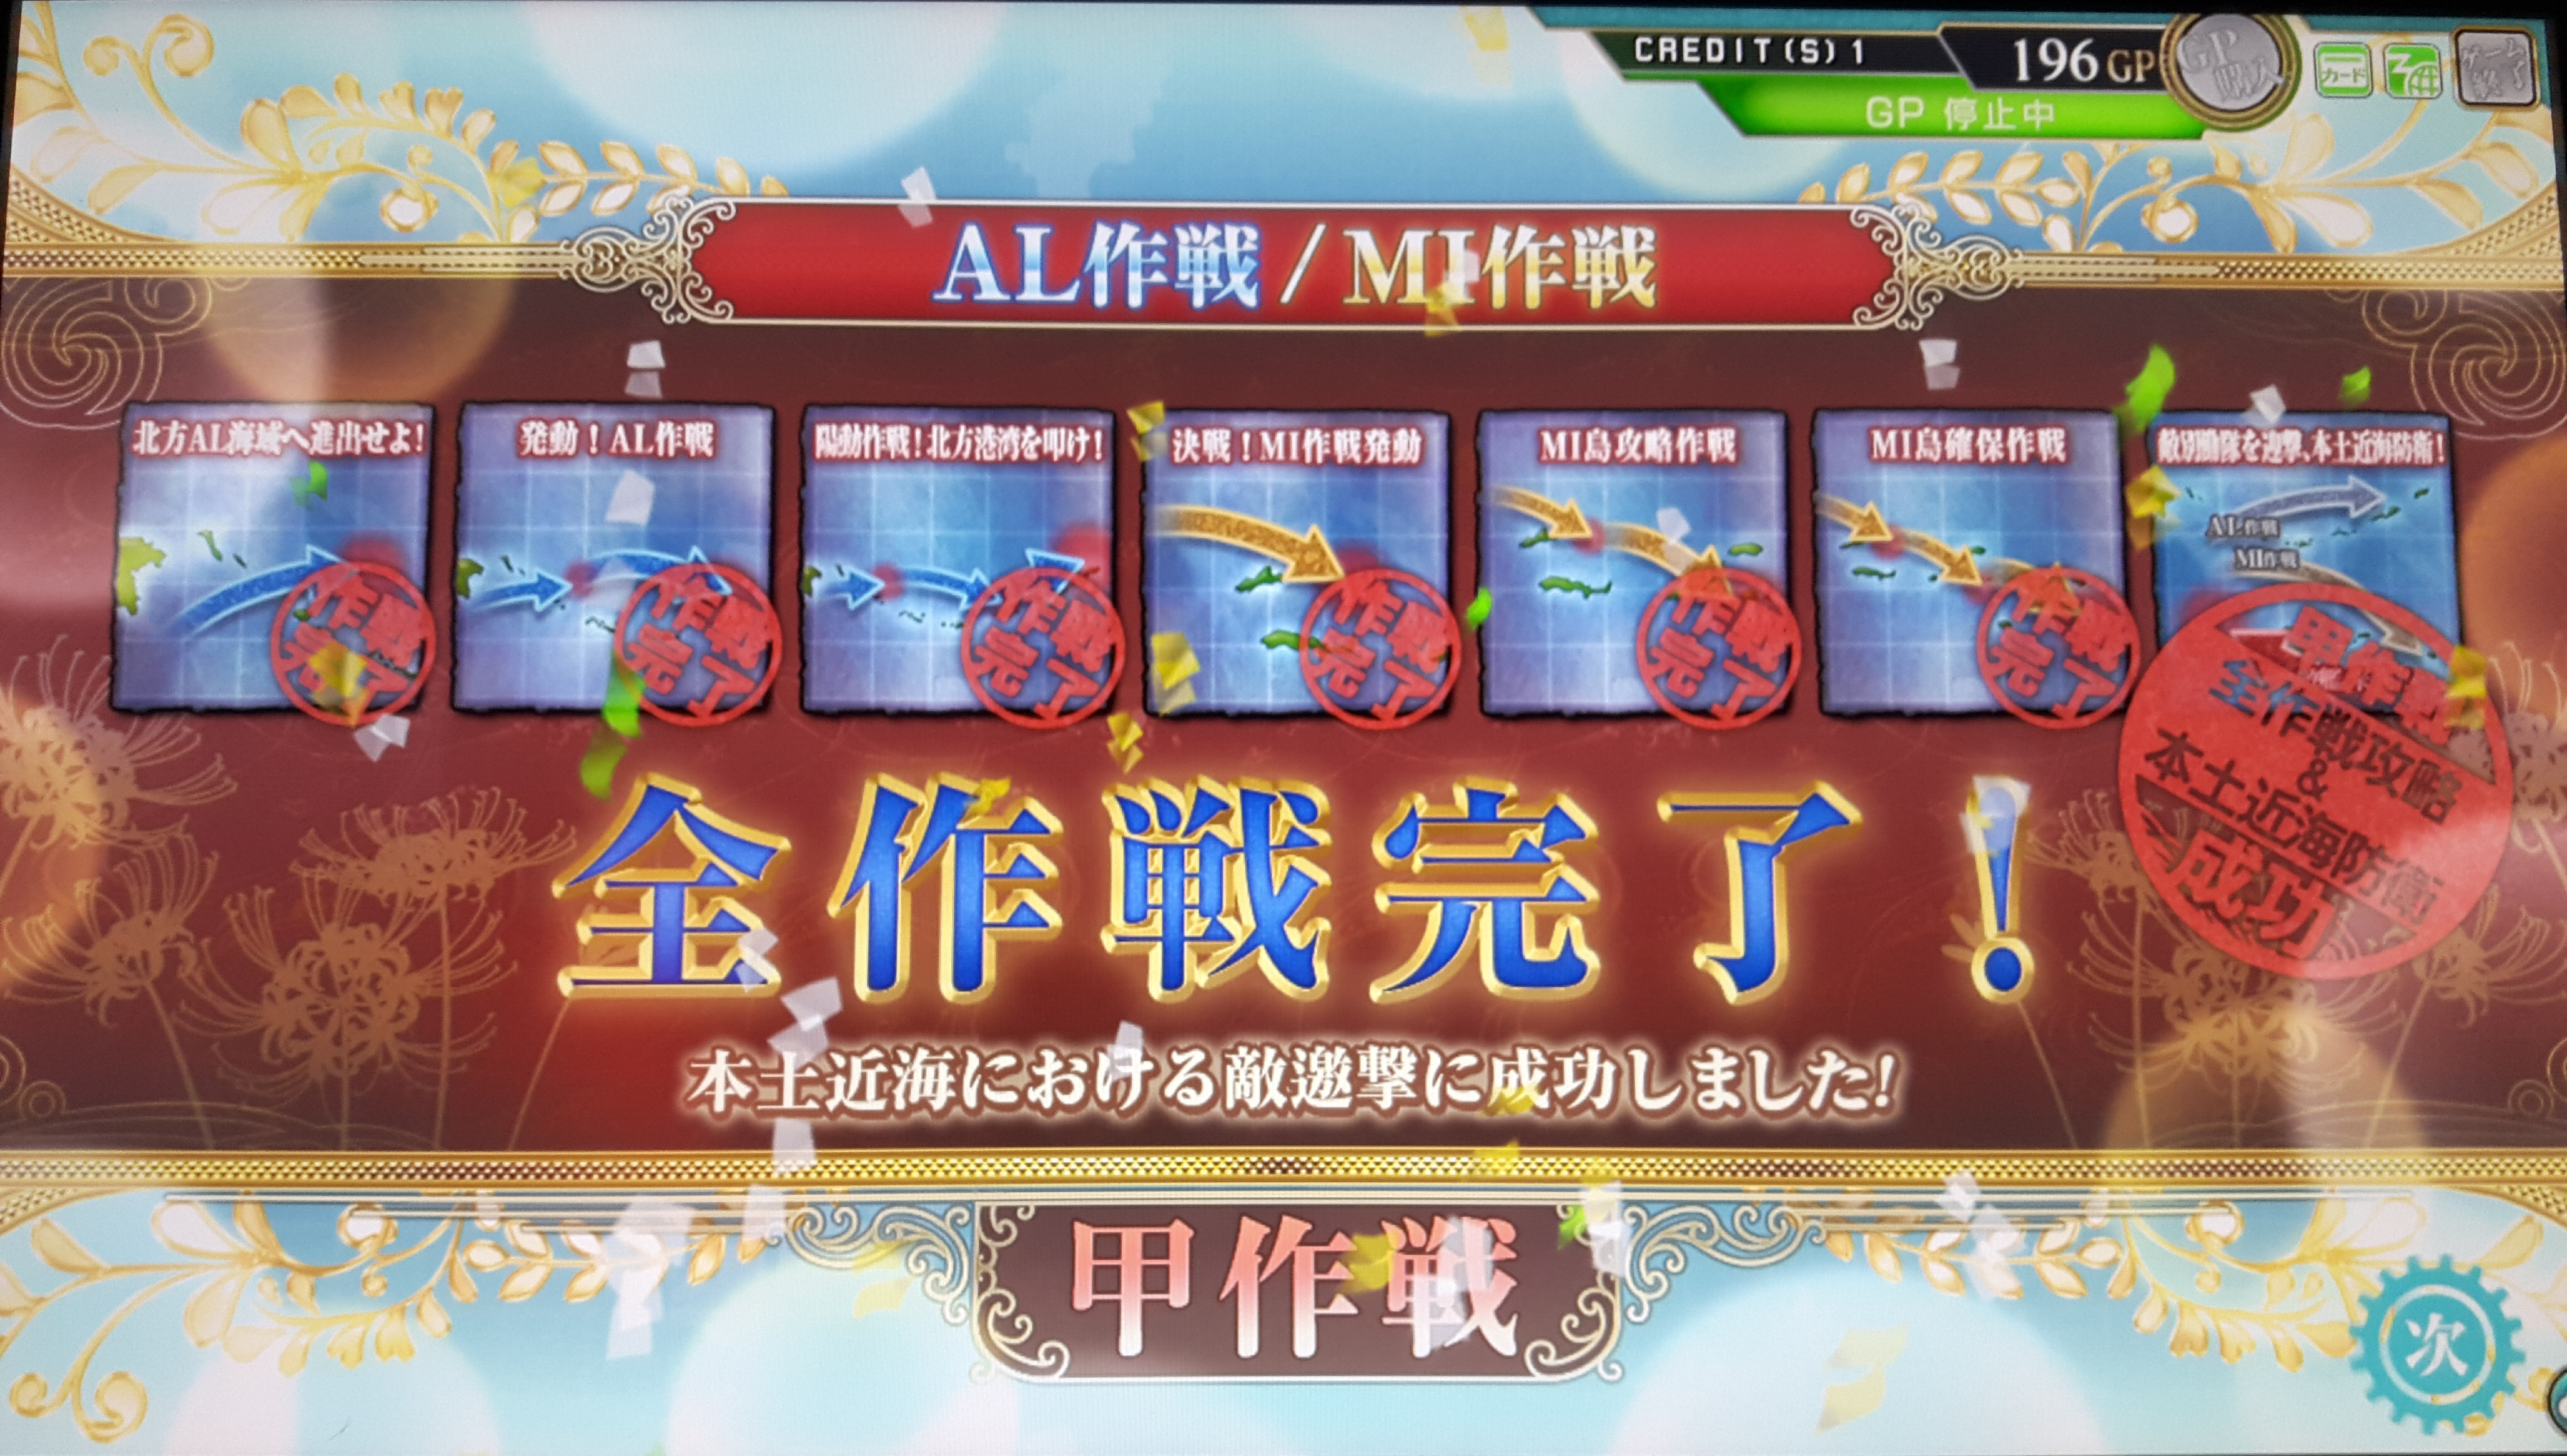 【AC】E7甲攻略完了のご報告